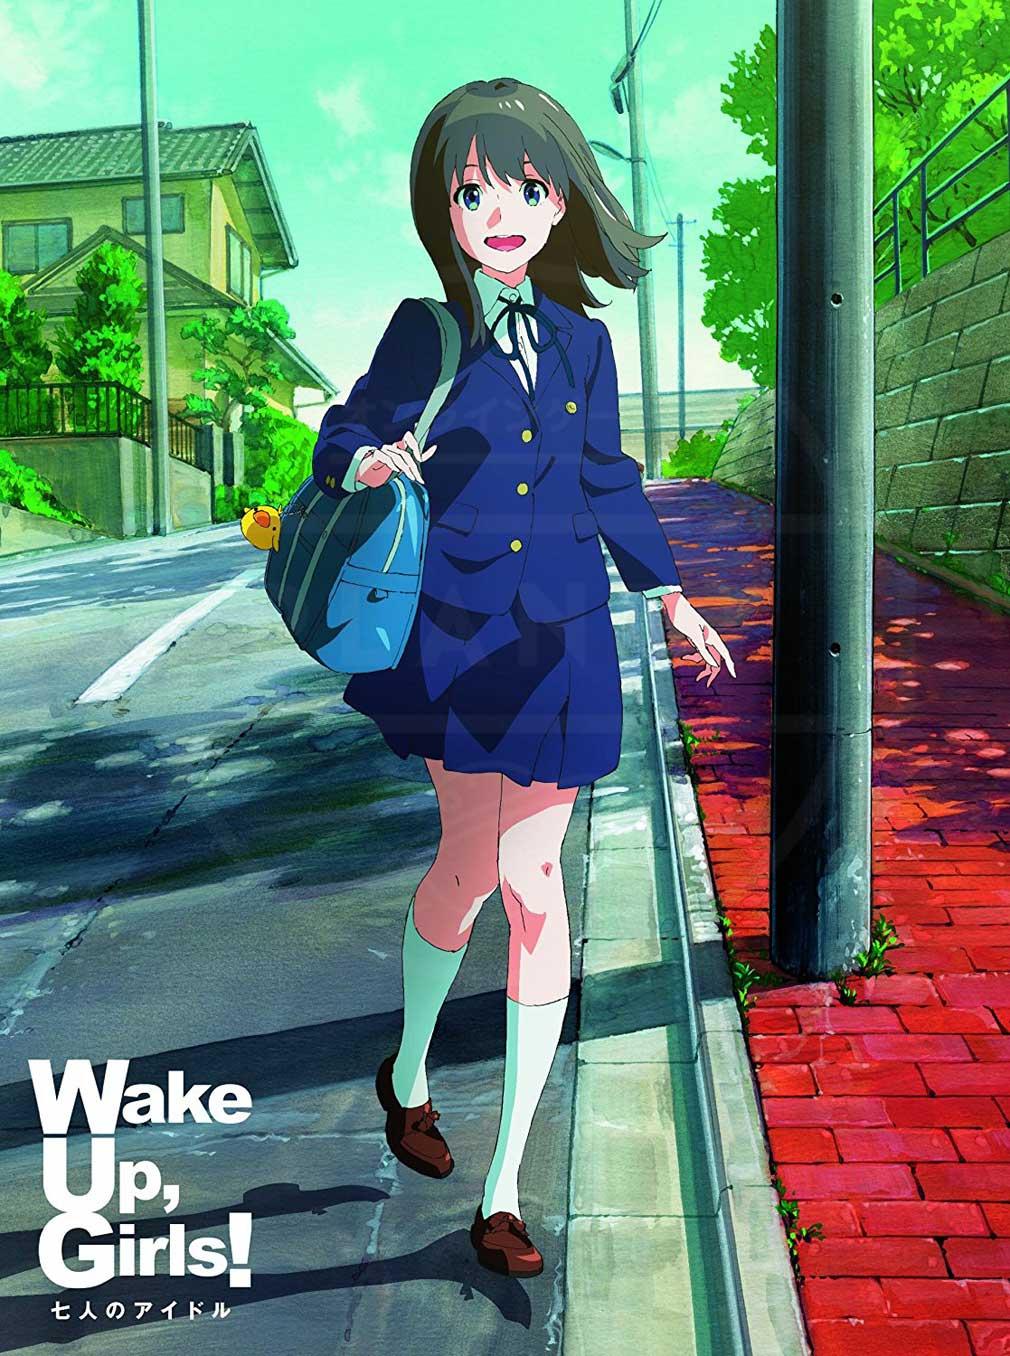 劇場アニメ『Wake Up, Girls! 七人のアイドル』キービジュアル